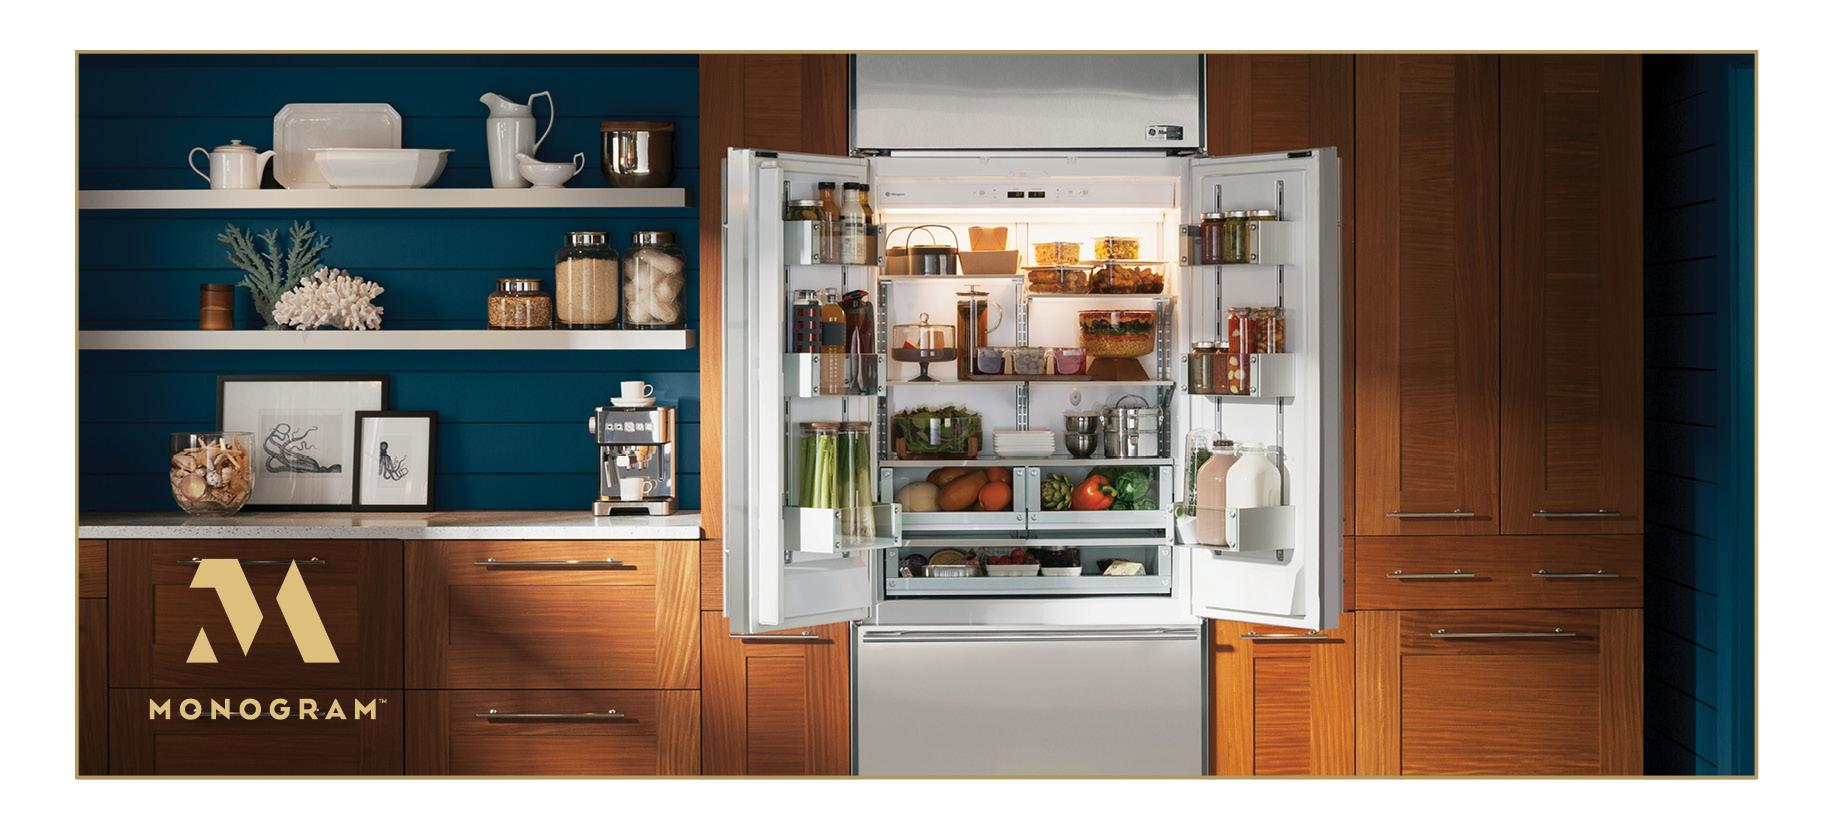 Monogram Built-In French-Door Refrigerator